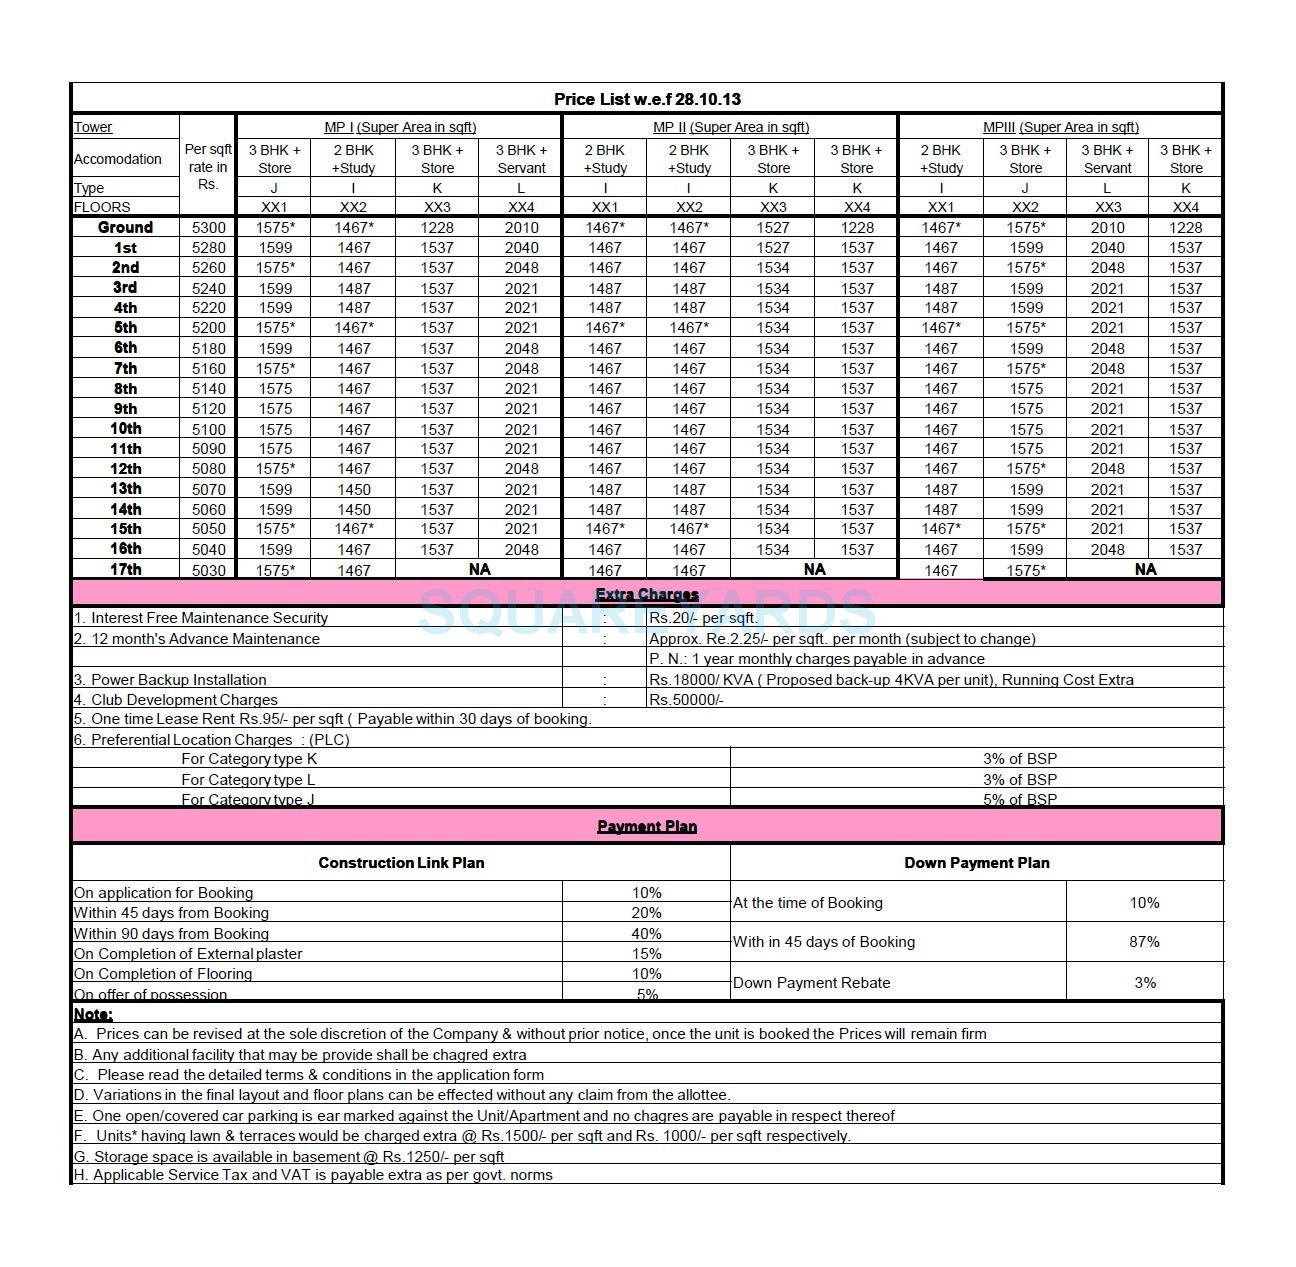 eldeco mangolia park payment plan image1